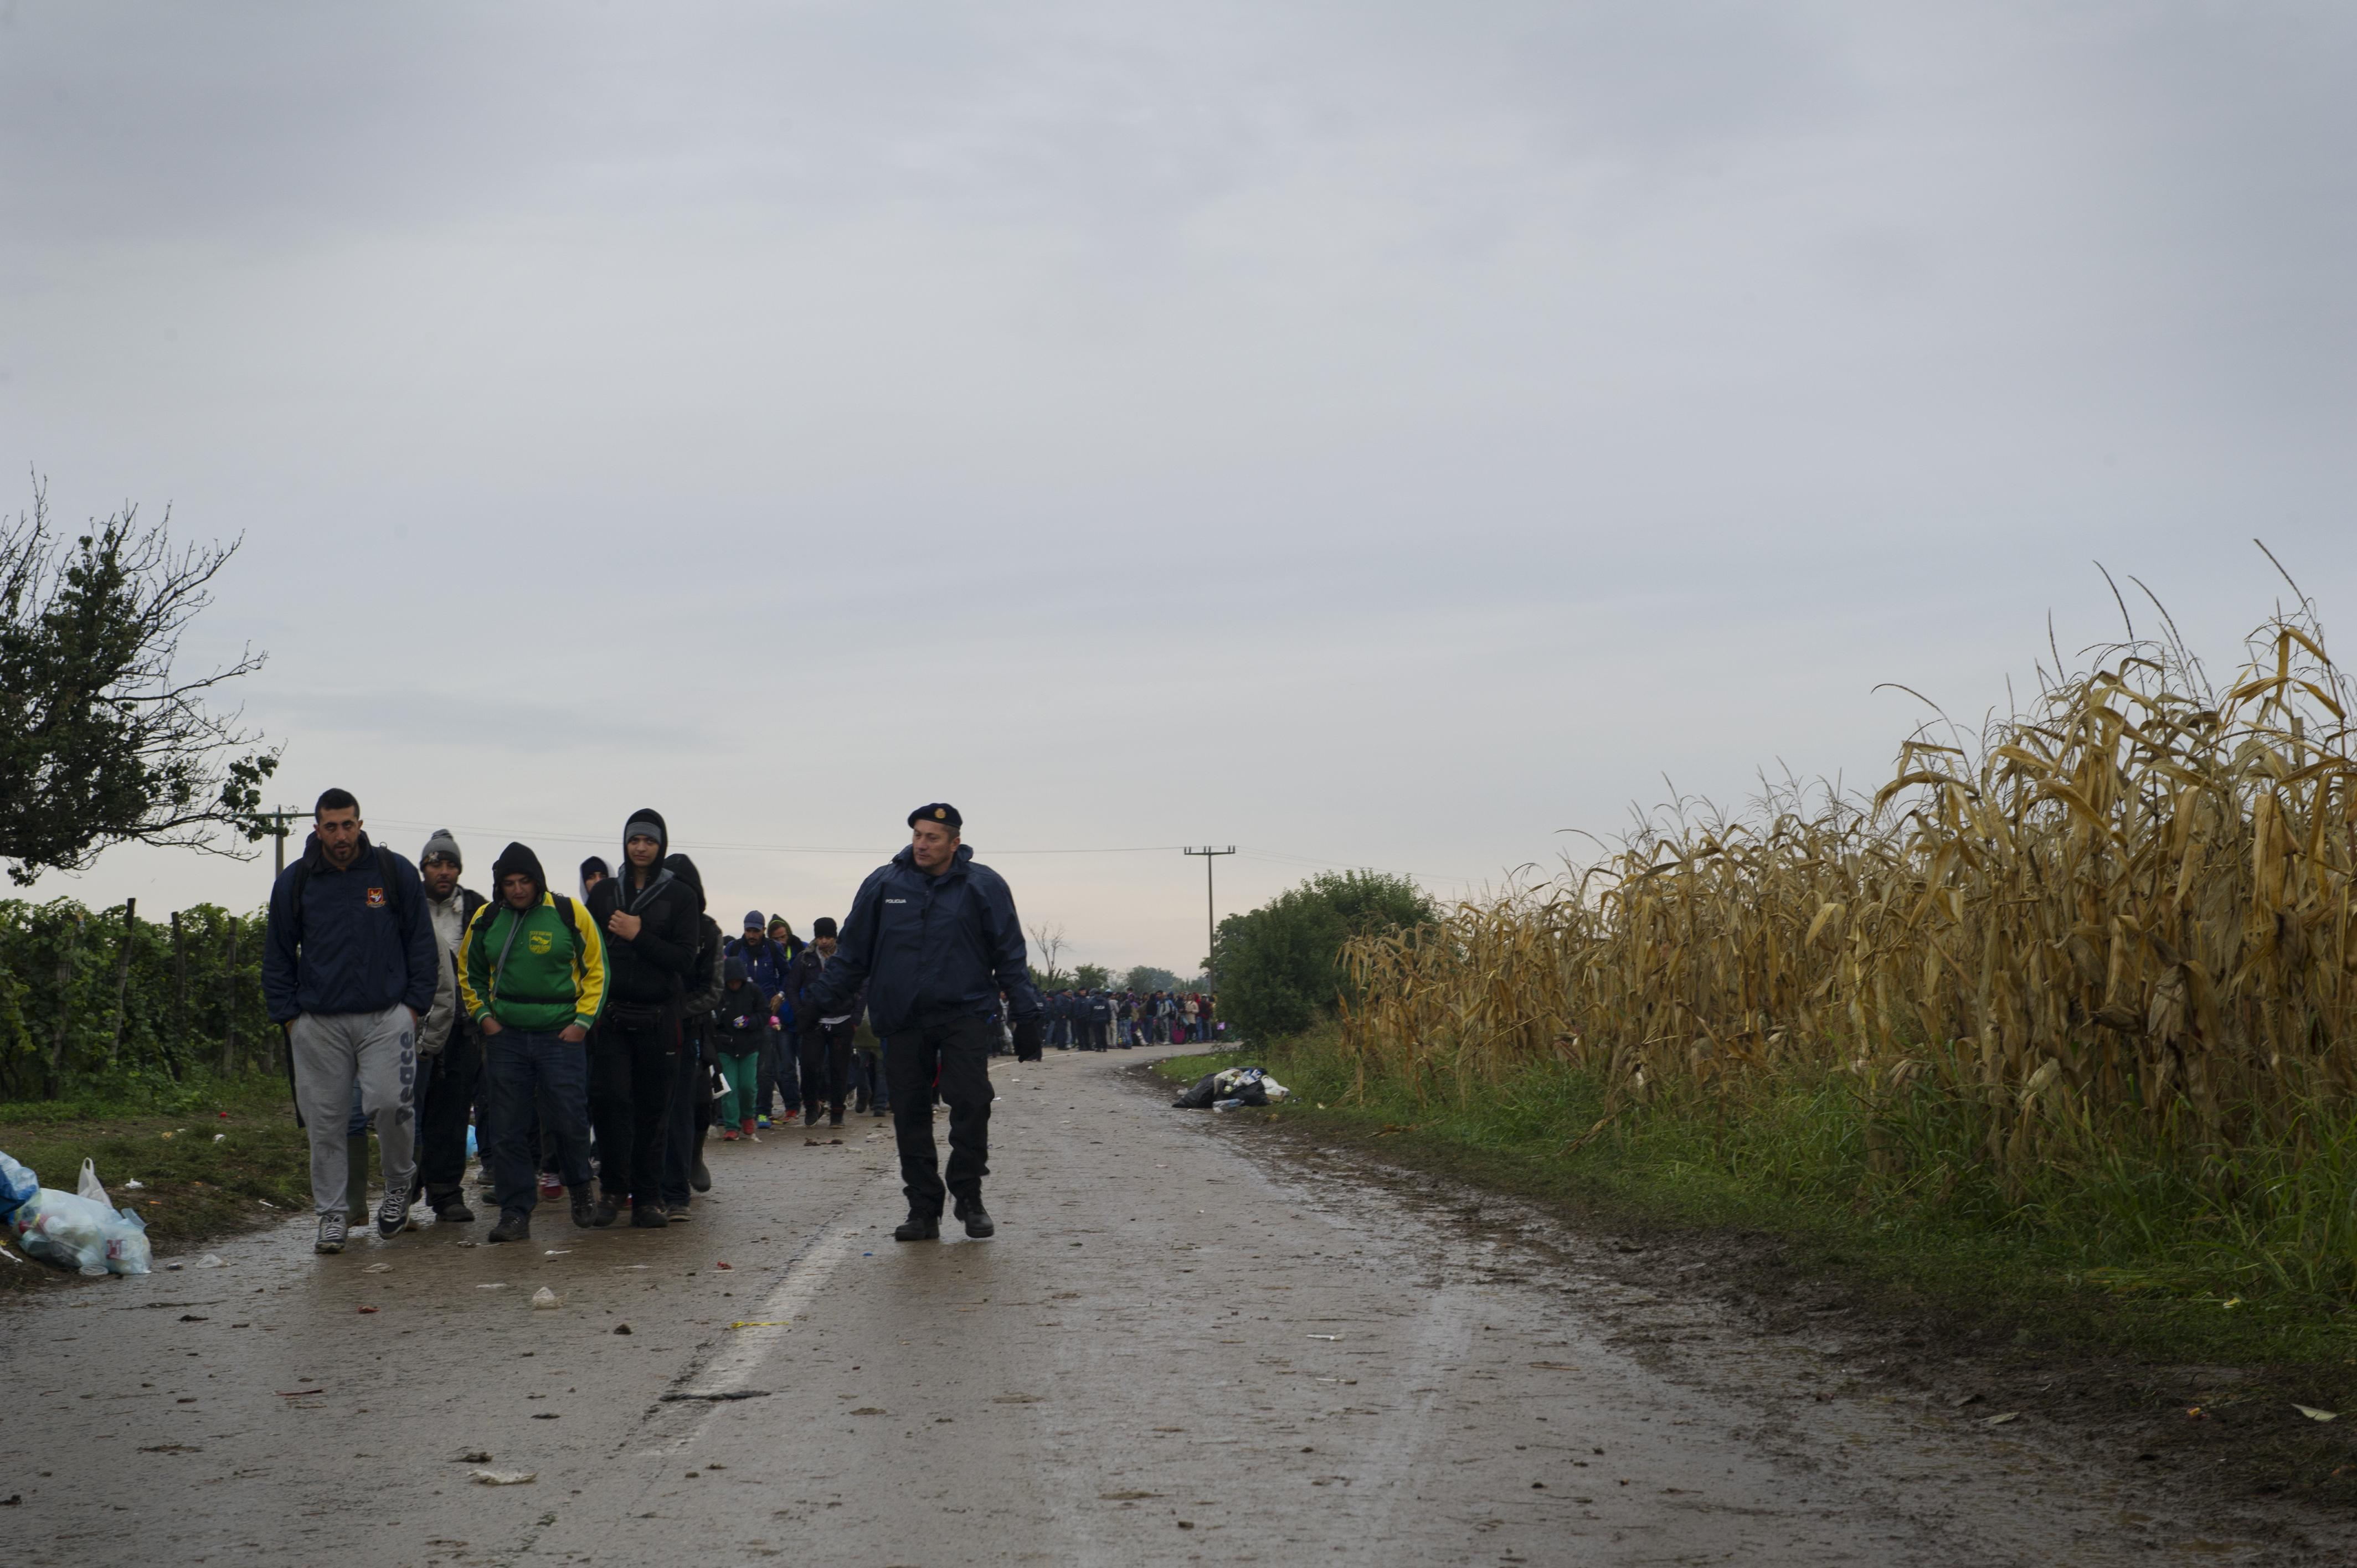 Tausende Flüchtling überqueren täglich die Serbisch-Kroatische Grenze.